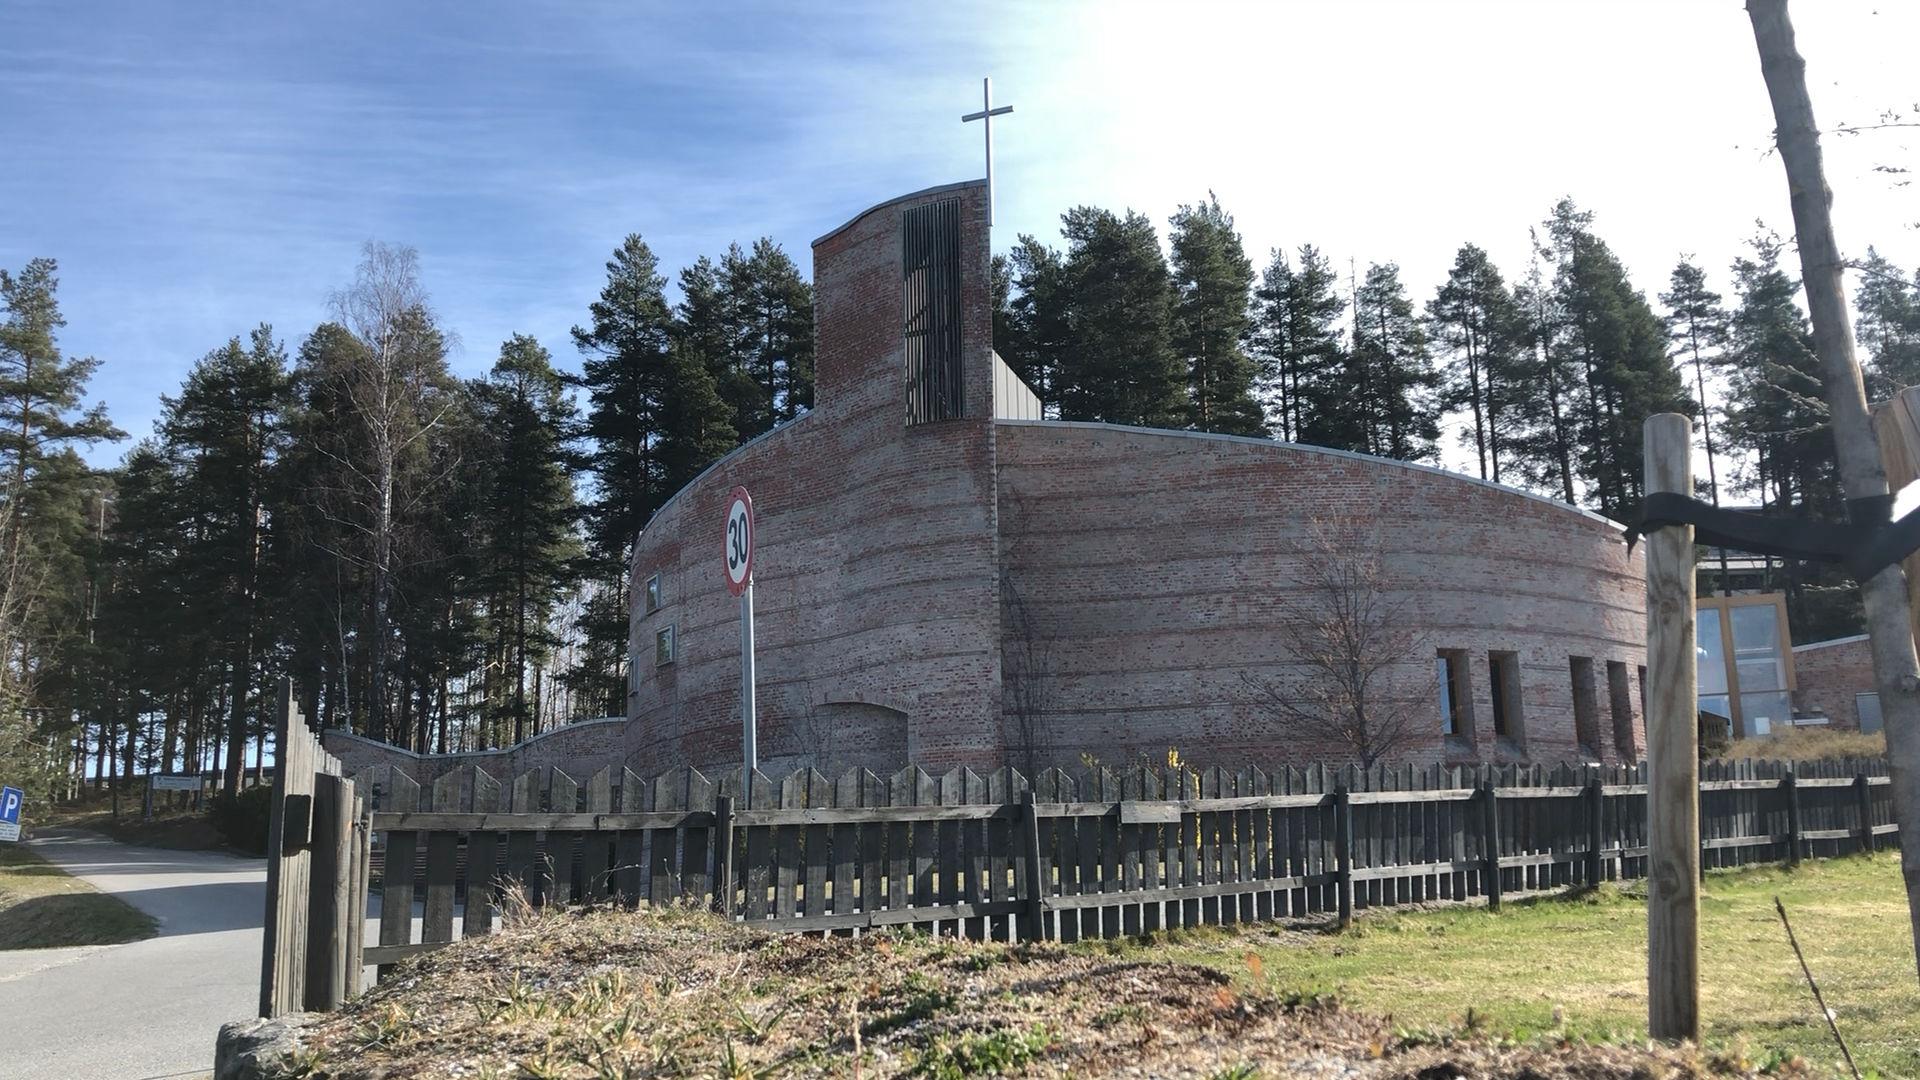 Gudstjeneste fra Åmot kirke søndag kl. 11:00